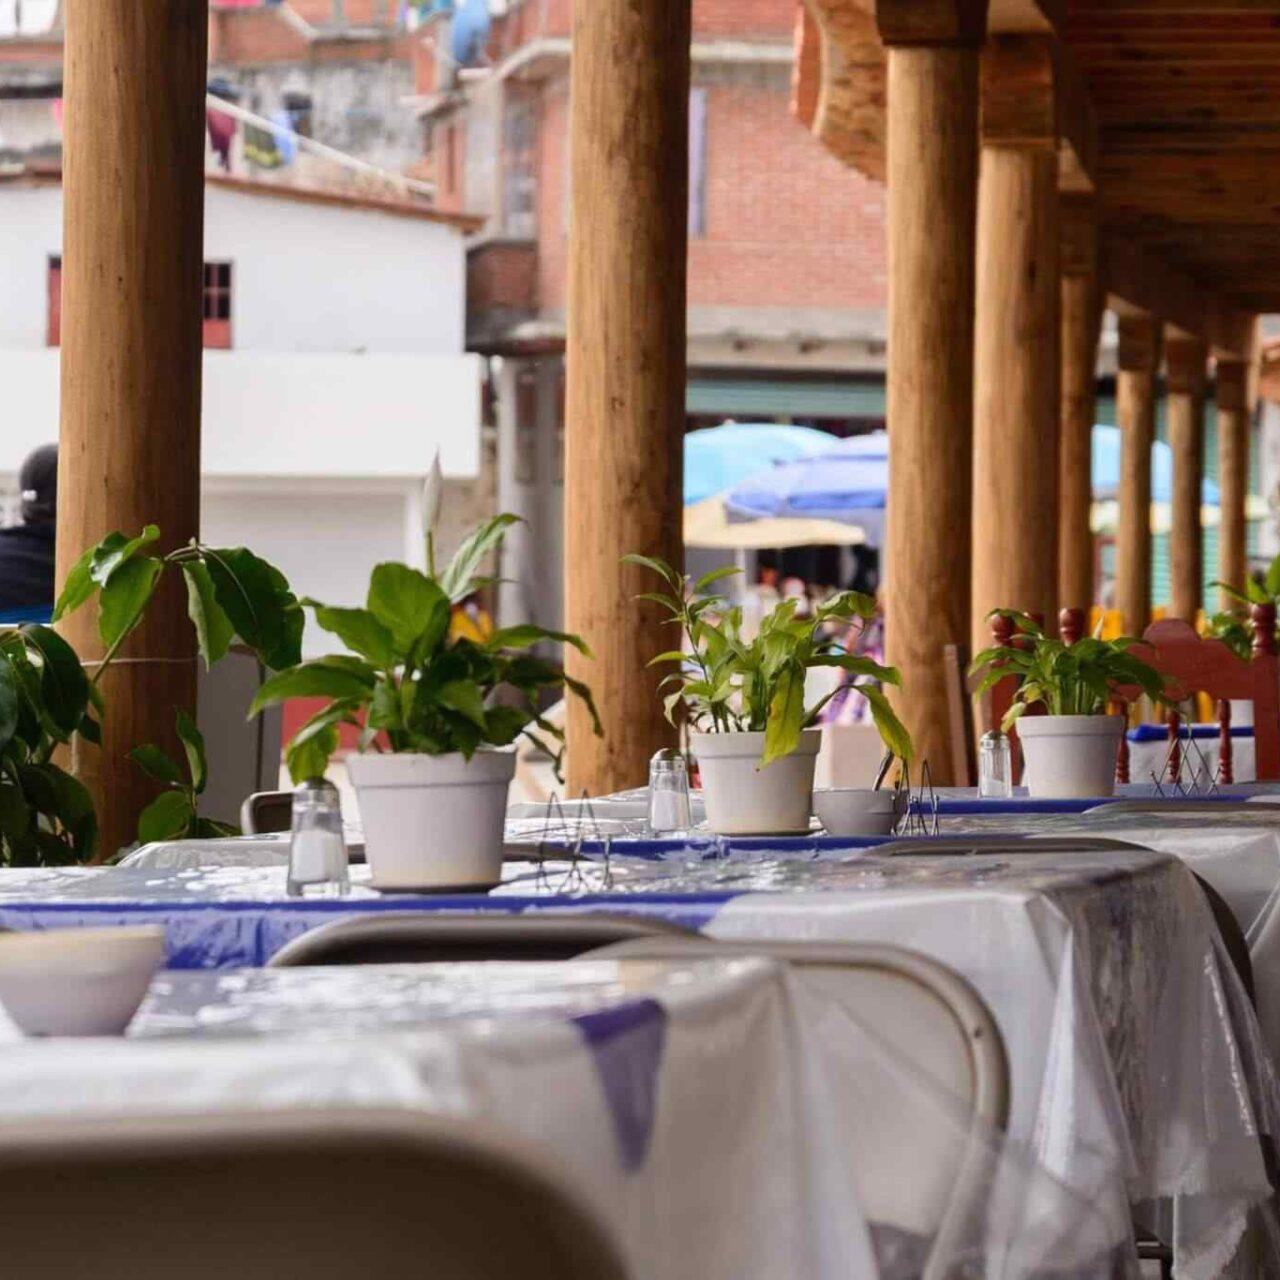 https://www.beertiful.jp/wp-content/uploads/2017/10/restaurant-mexican-17-1280x1280.jpg